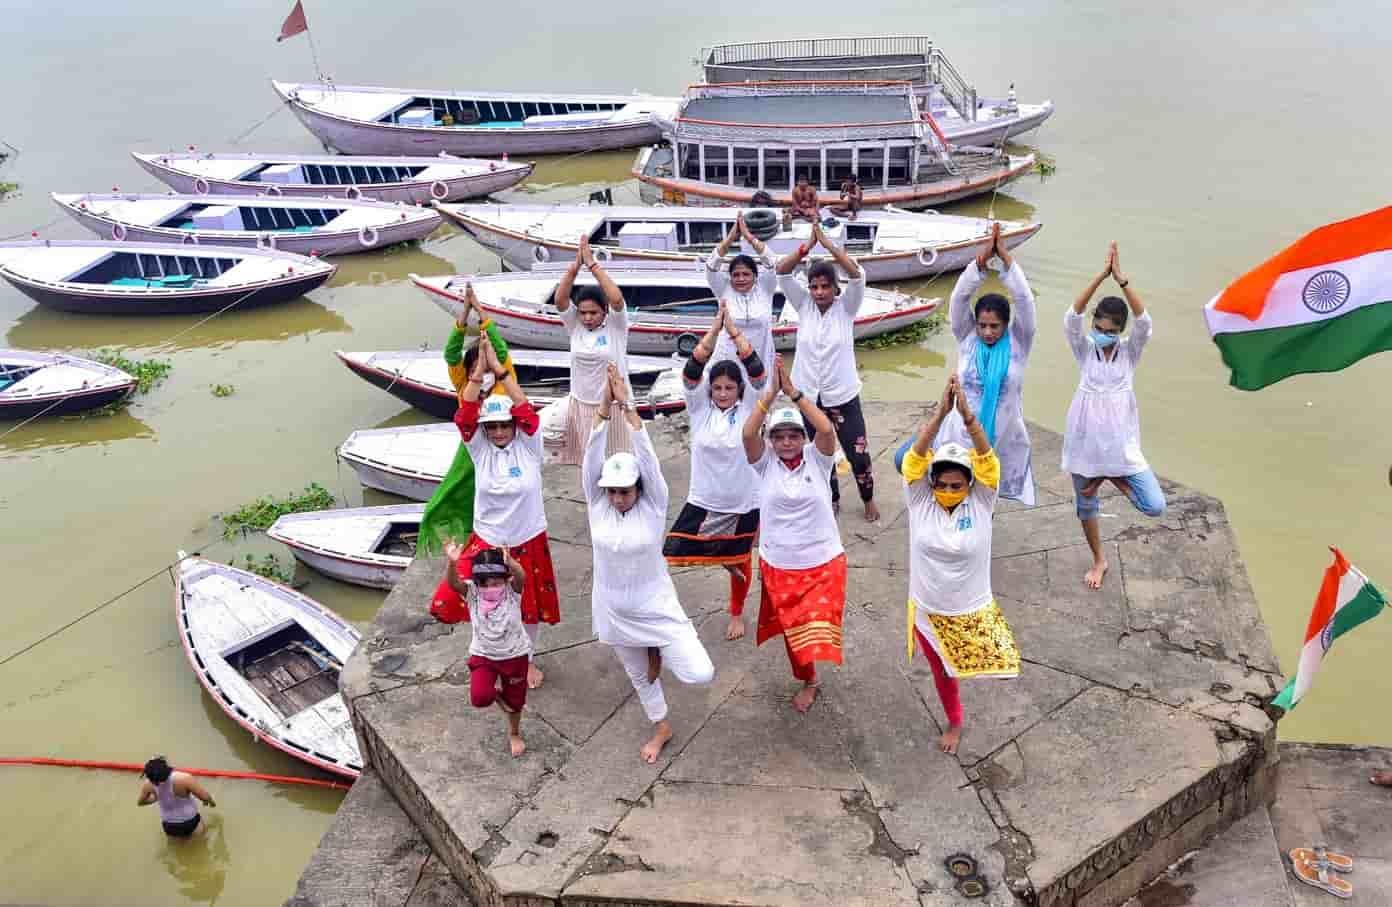 Women and children do asanas at Ganga Ghat in Varanasi on Sunday.